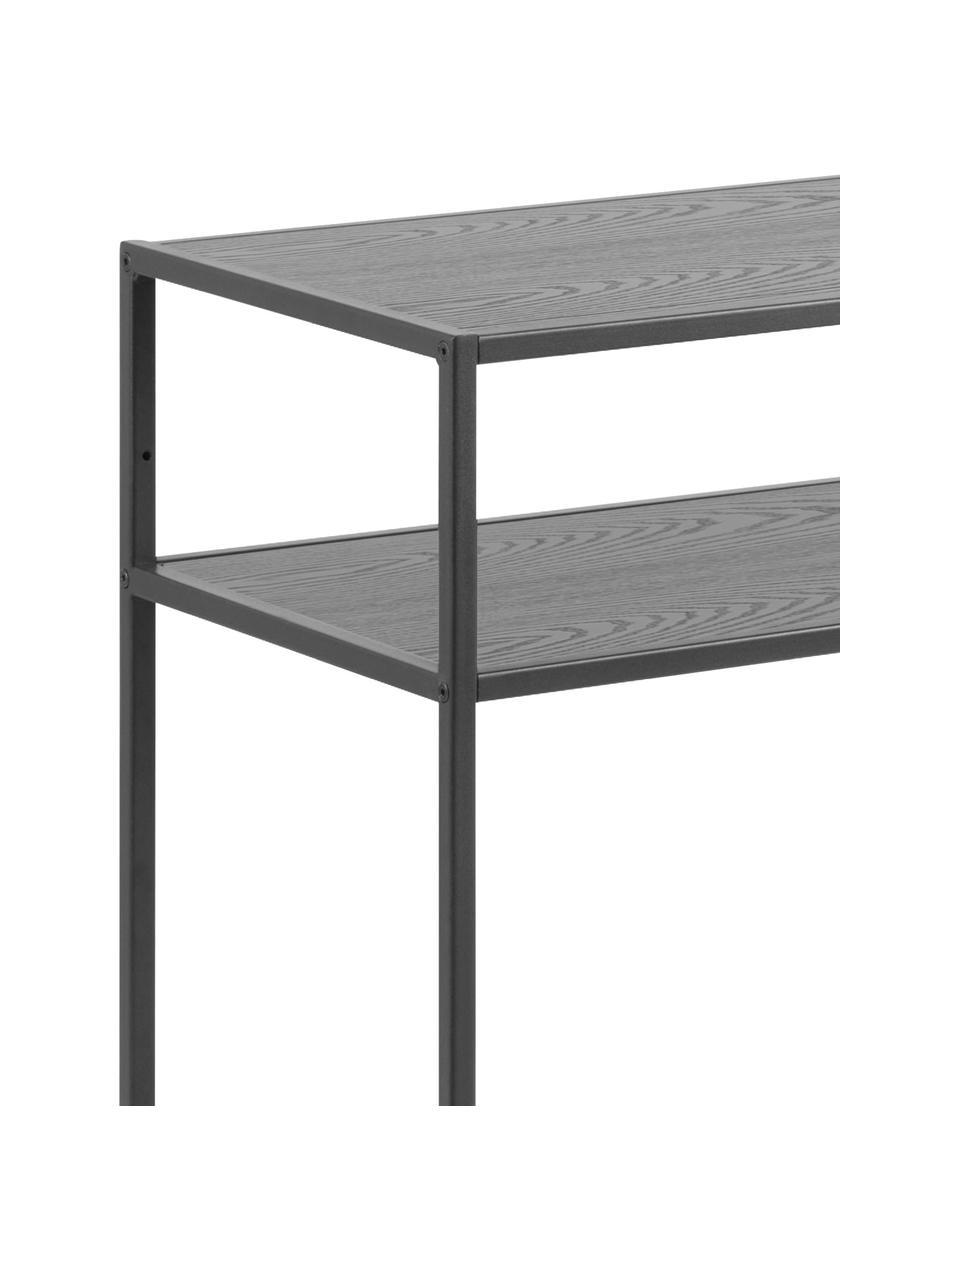 Consolle in metallo con 3 ripiani Seaford, Ripiani: pannello di fibra a media, Struttura: metallo verniciato a polv, Nero, Larg. 100 x Prof. 35 cm